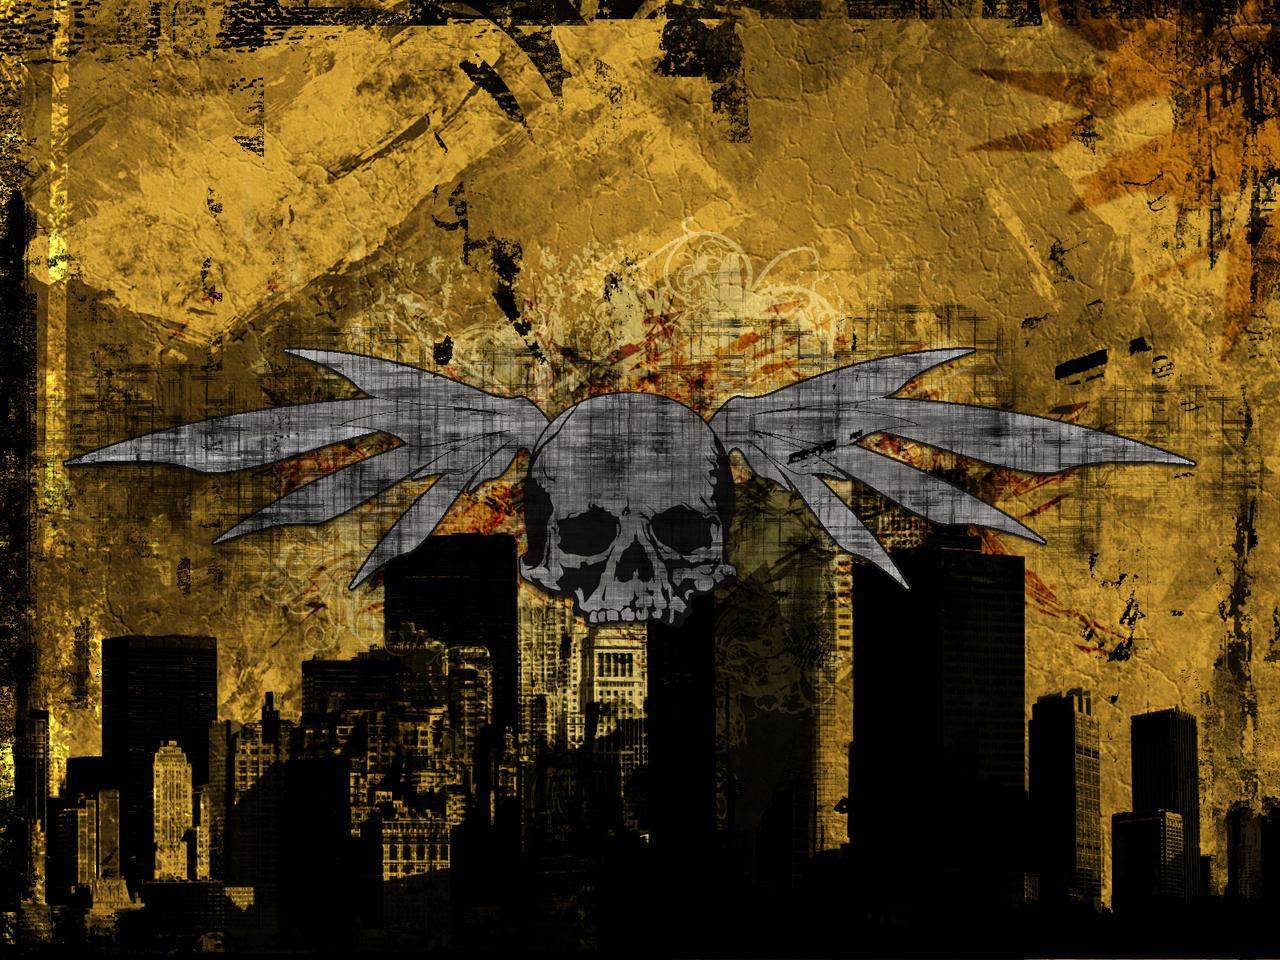 Grunge by donbar85